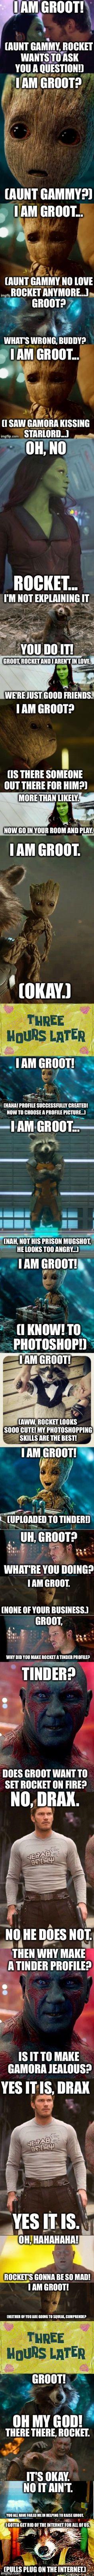 Groot's Internet Adventures: Revenge for Rocket